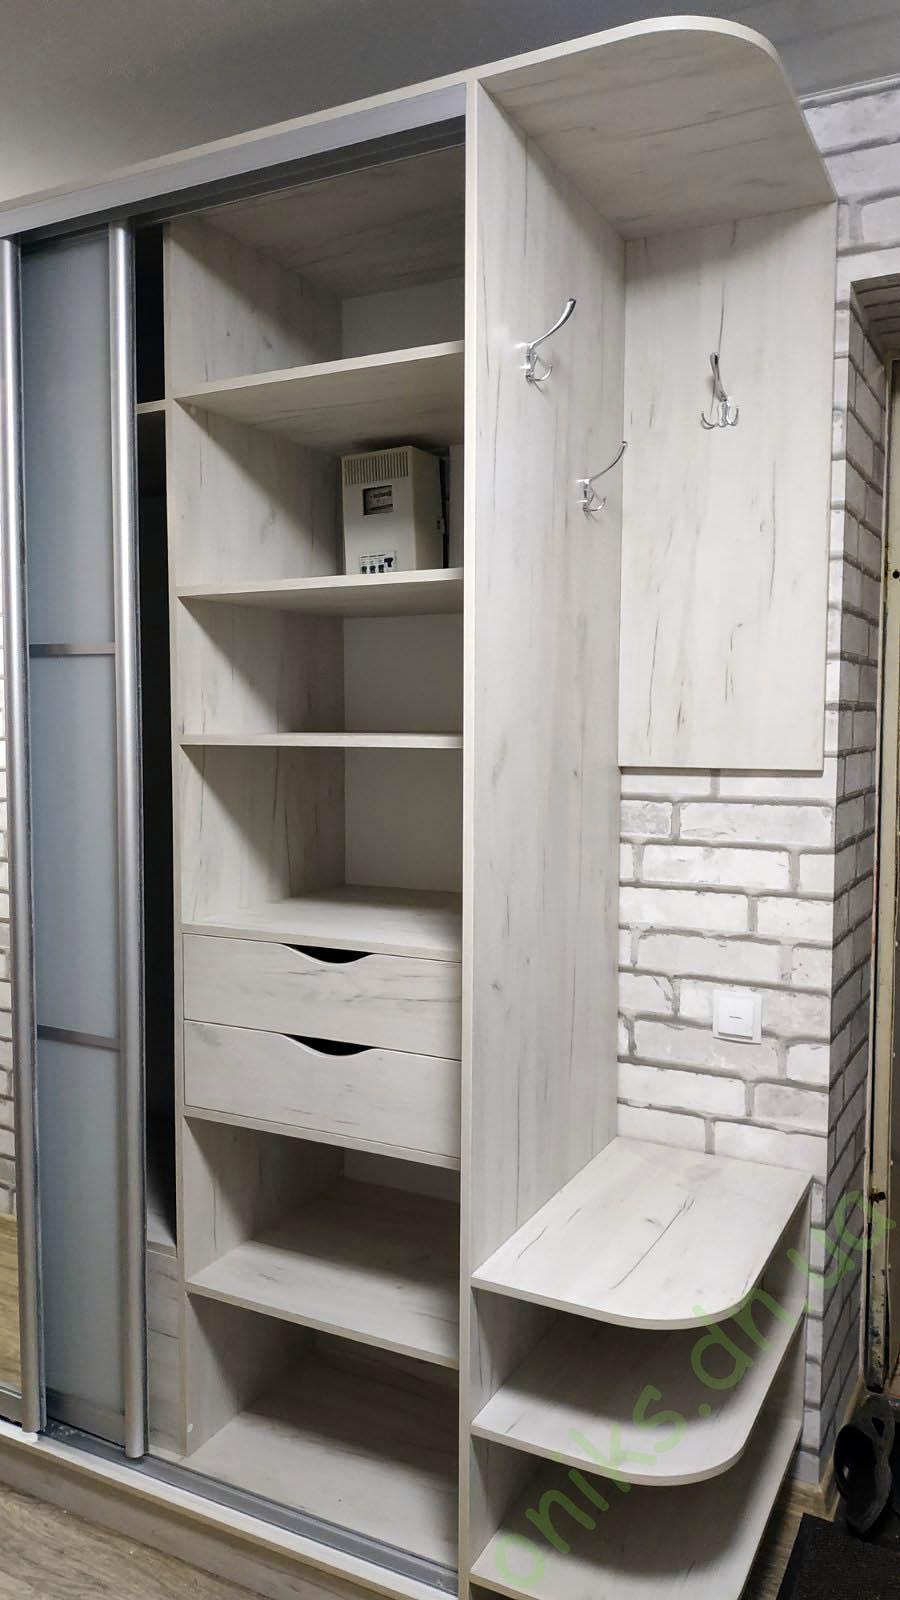 Купить шкаф-купе трёхдверный в прихожую с радиусным открытым окончанием и подвесной вешалкой под верхнюю одежду в Донецке